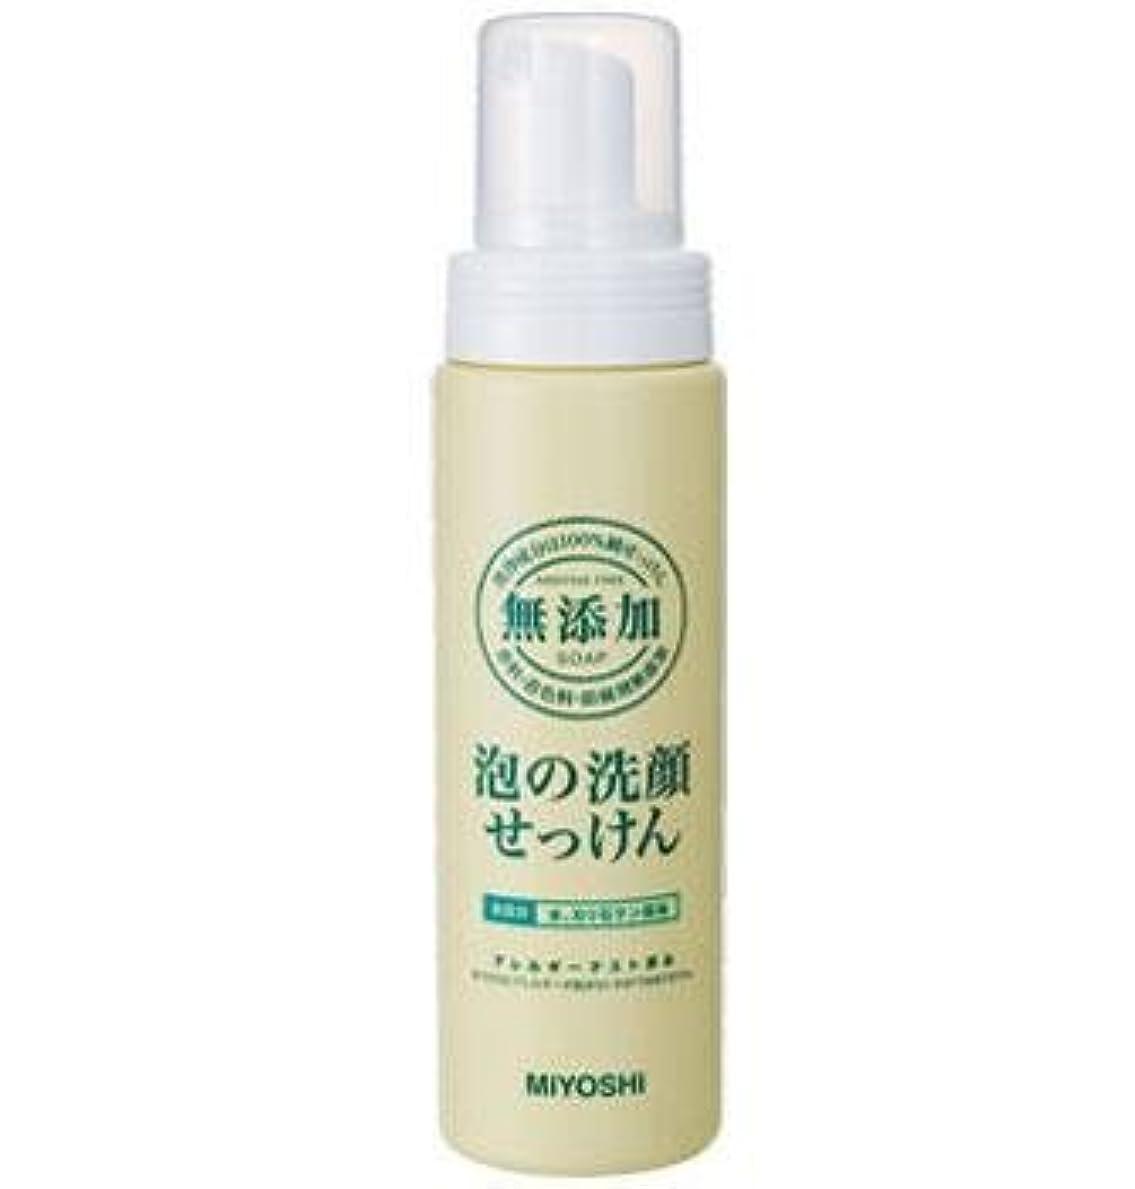 漏れ混合人道的ミヨシ石鹸 無添加 泡の洗顔せっけん ポンプ 200ml(無添加石鹸)×24点セット (4537130120019)